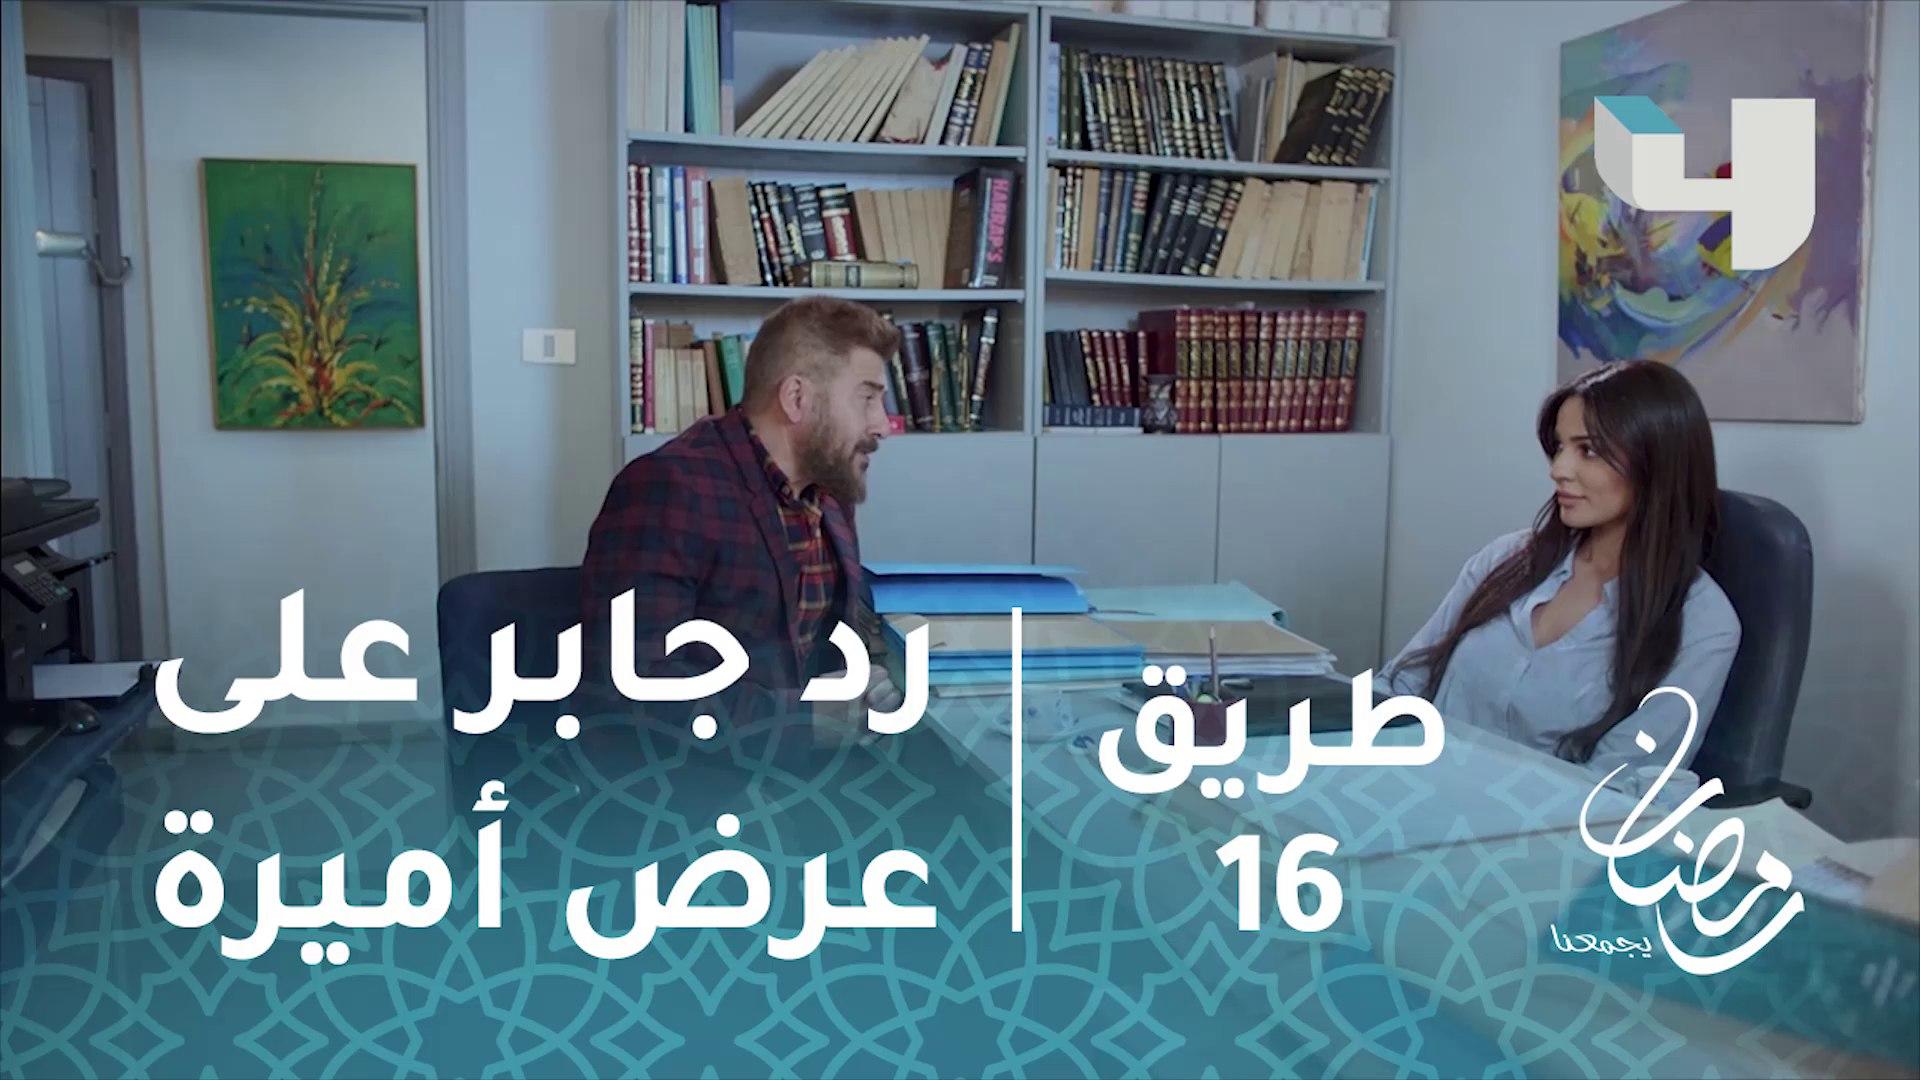 مسلسل طريق حلقة 16 رد جابر على عرض أميرة